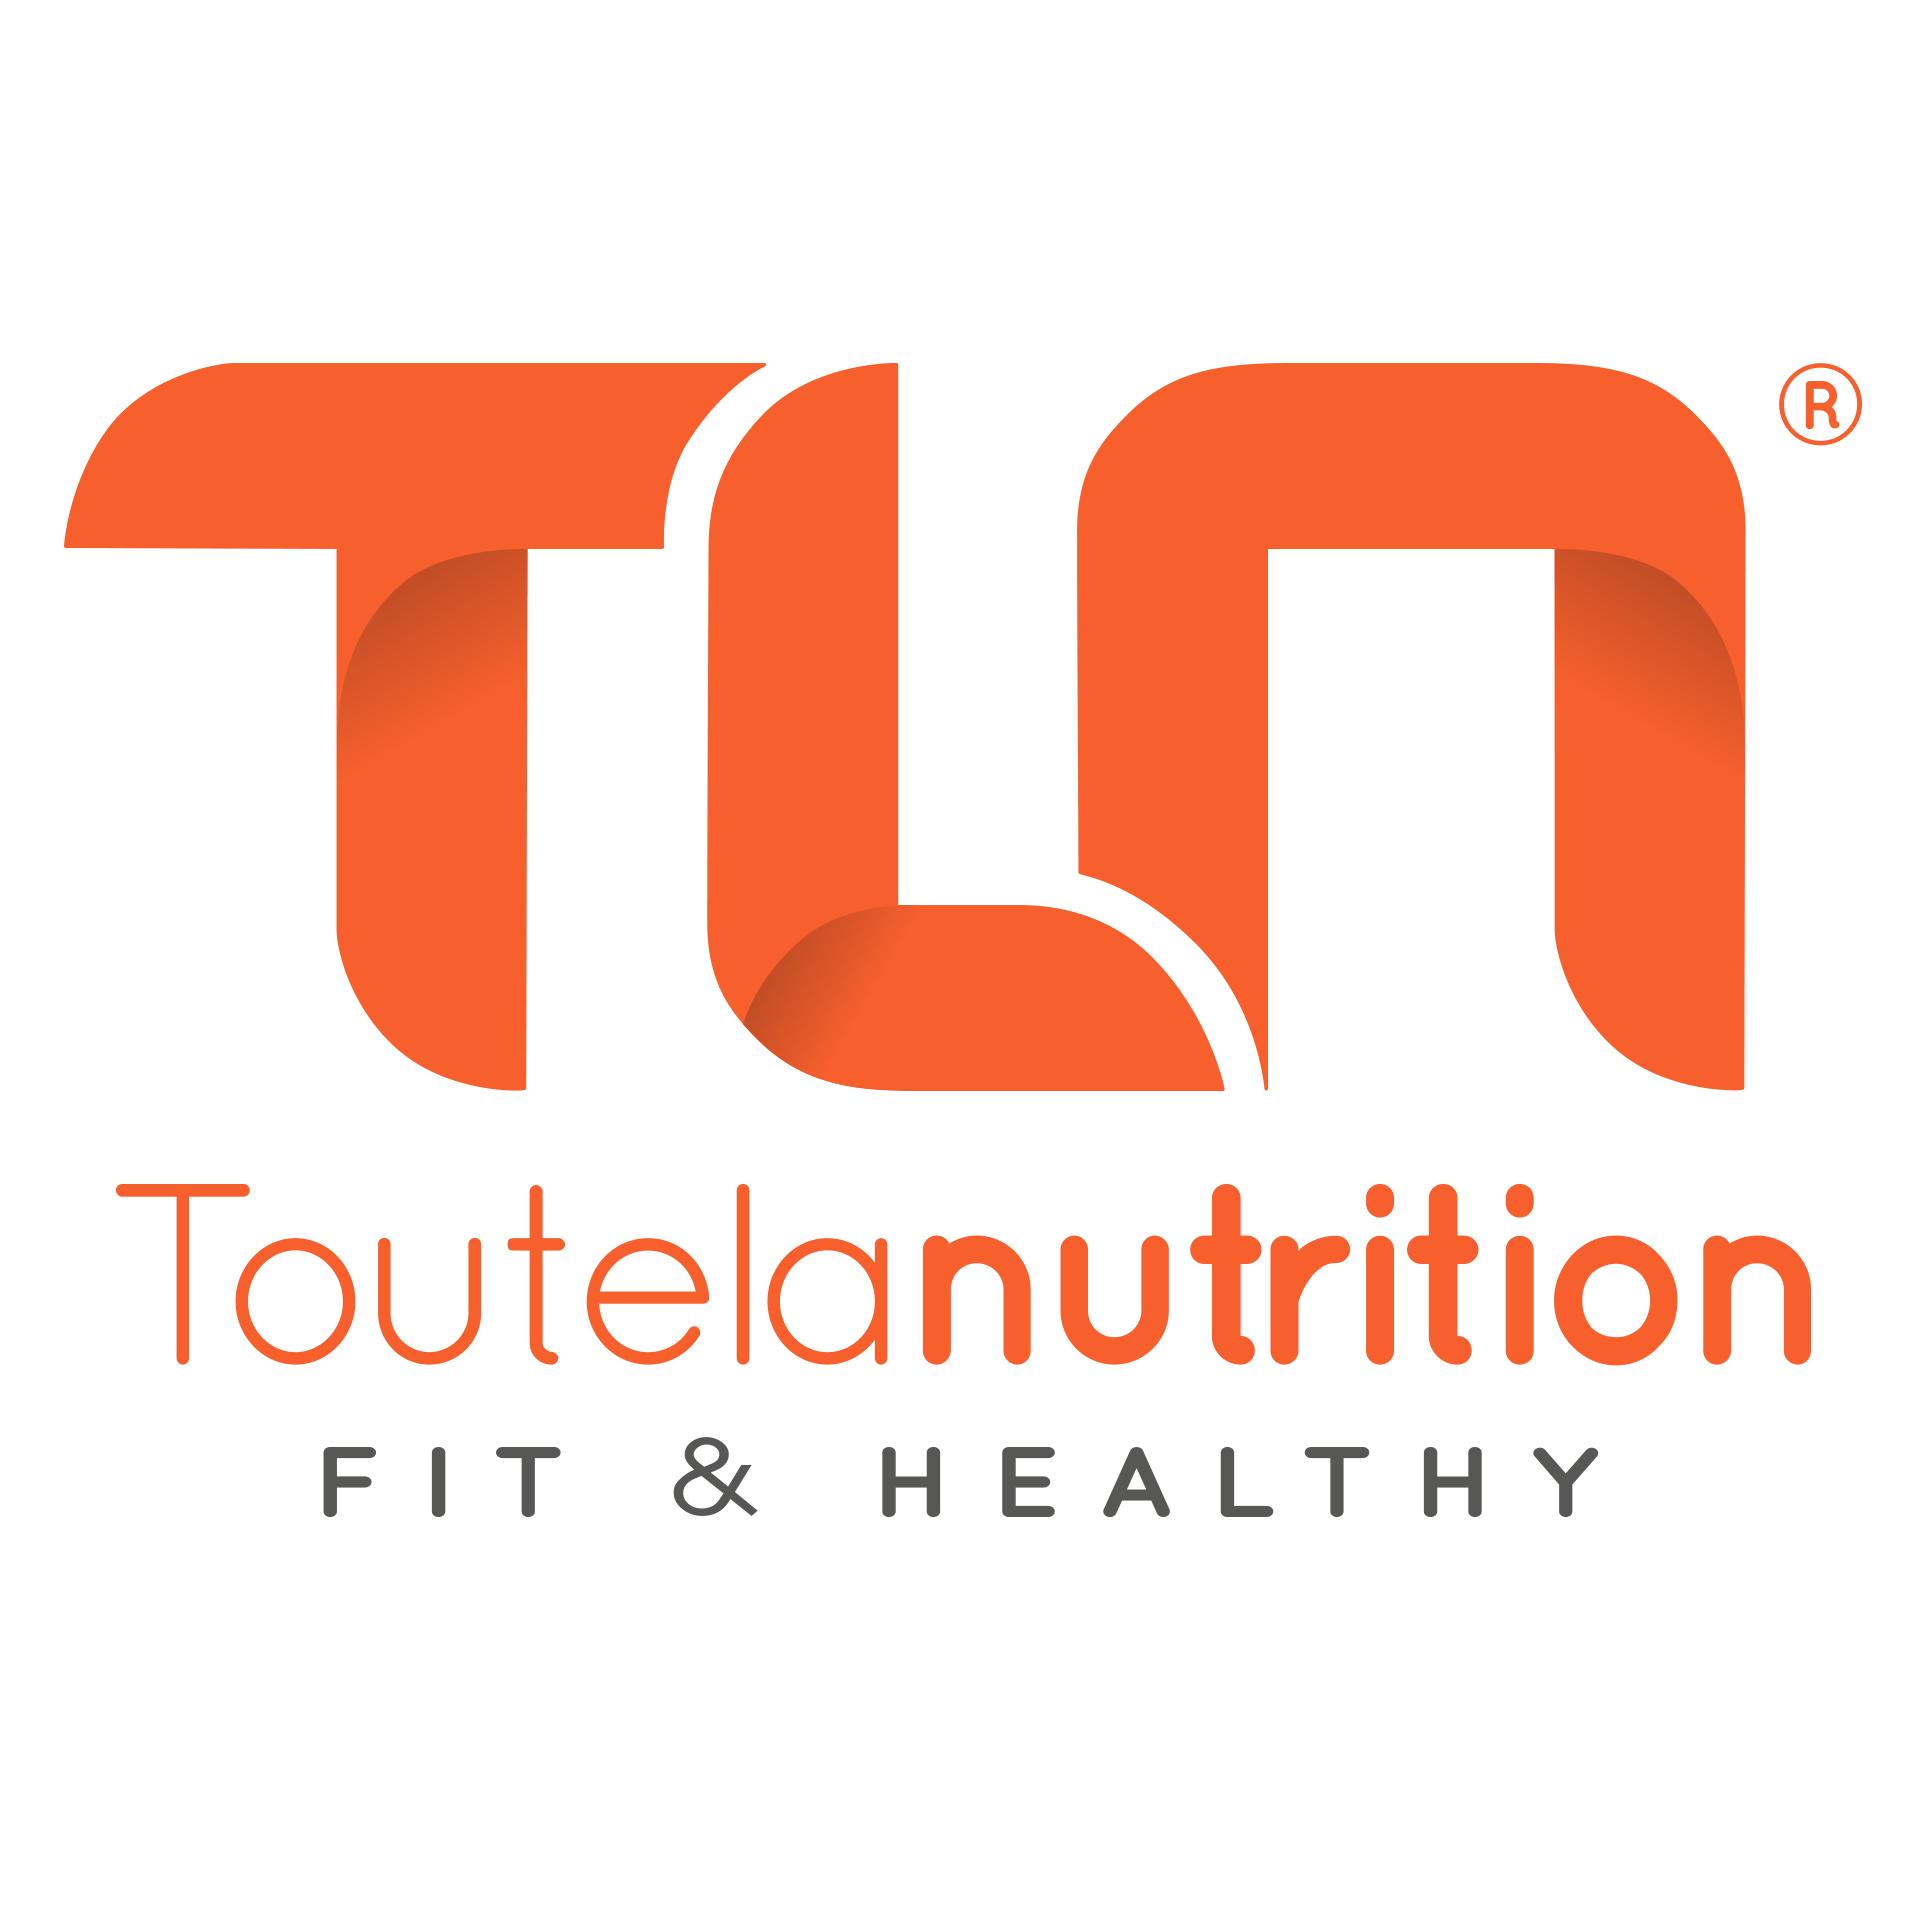 Toutelanutrition.com